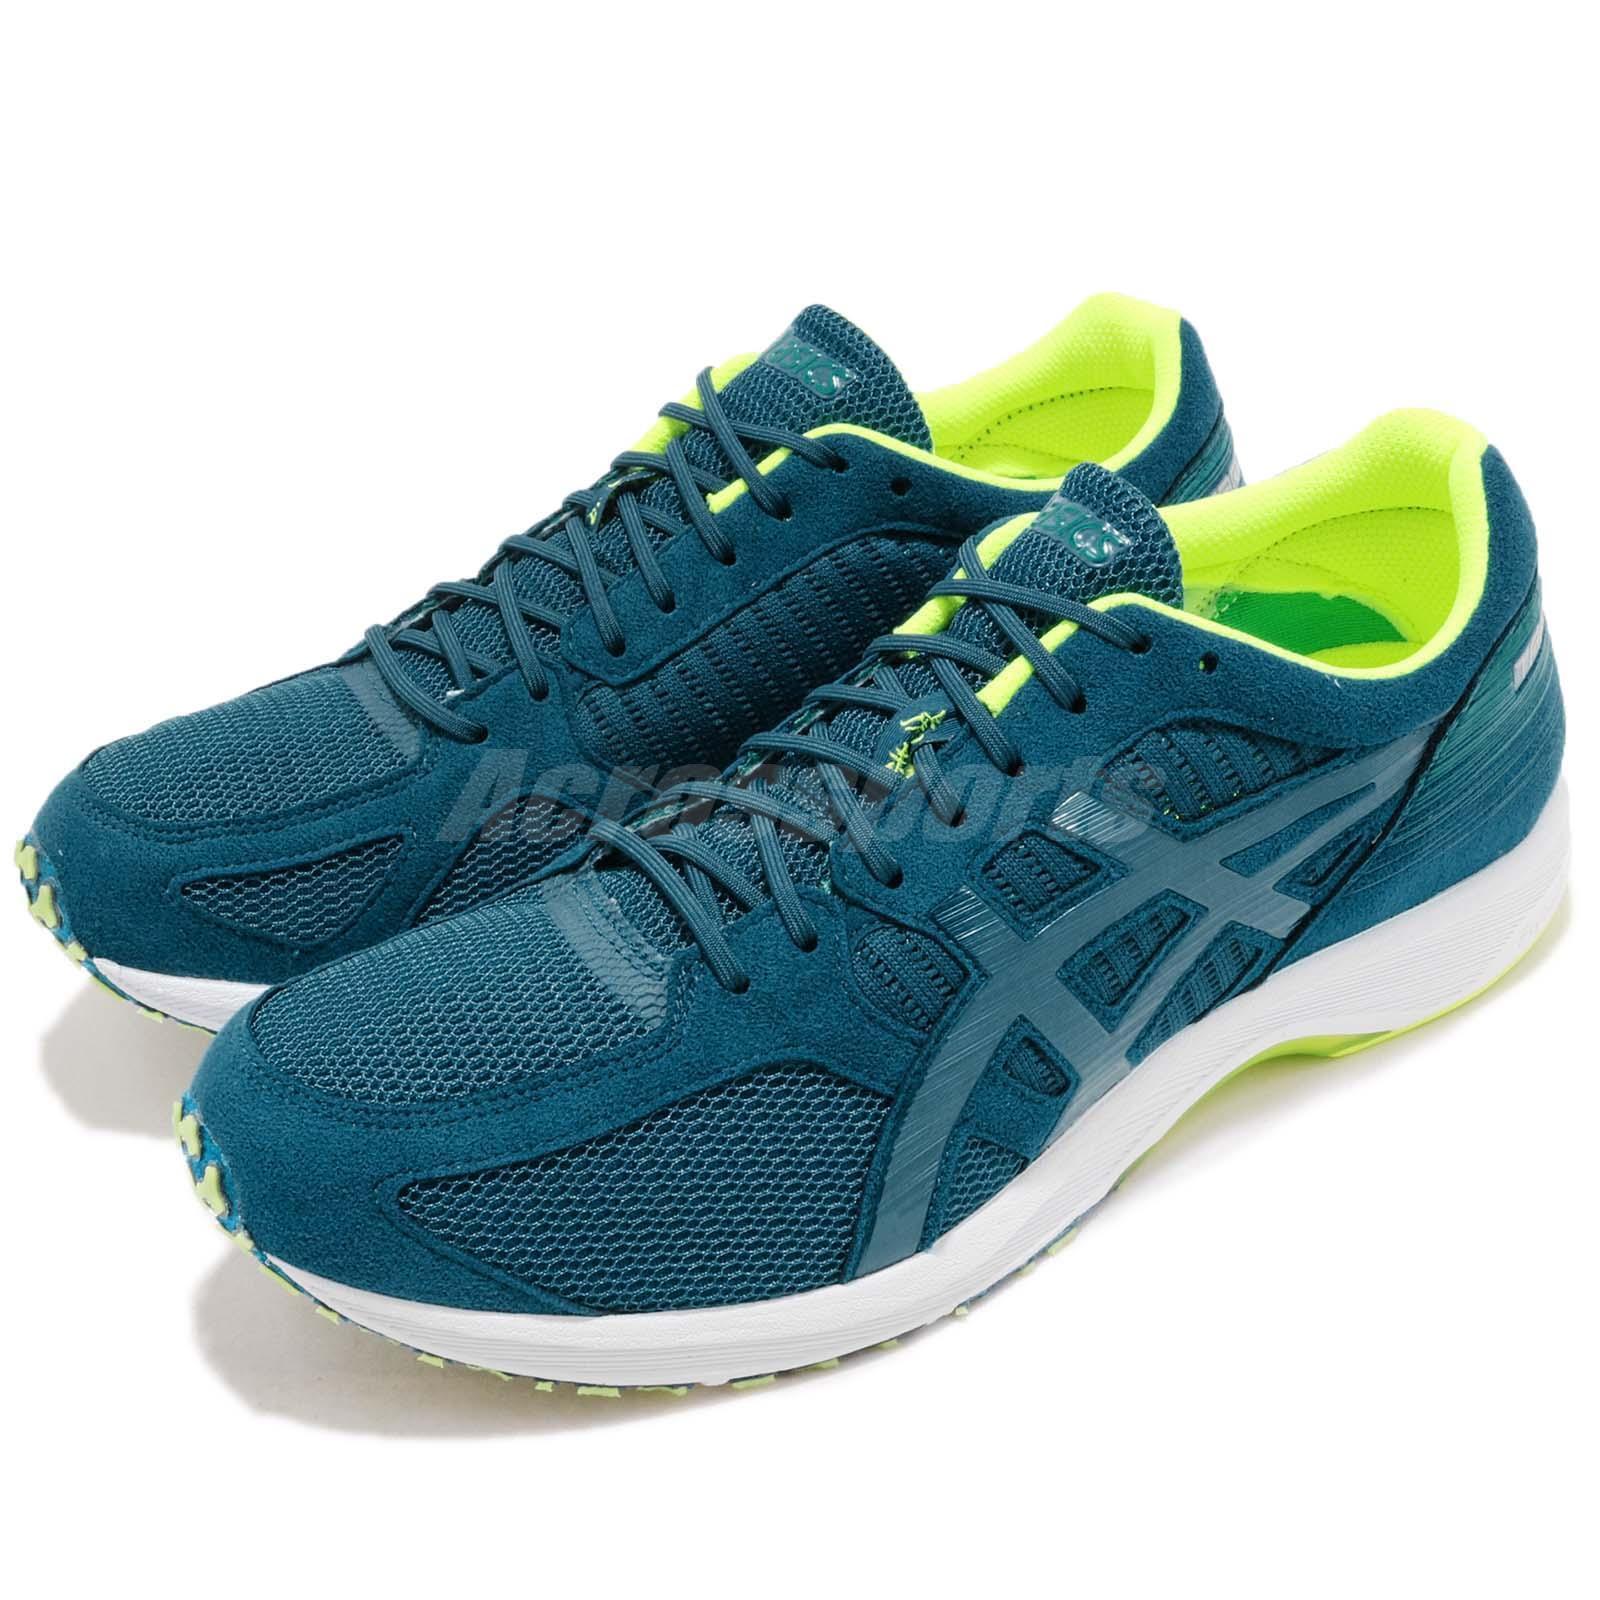 Asics Tartherzeal 6 Deep Aqua Volt White Uomo Running Shoes  T820N-401